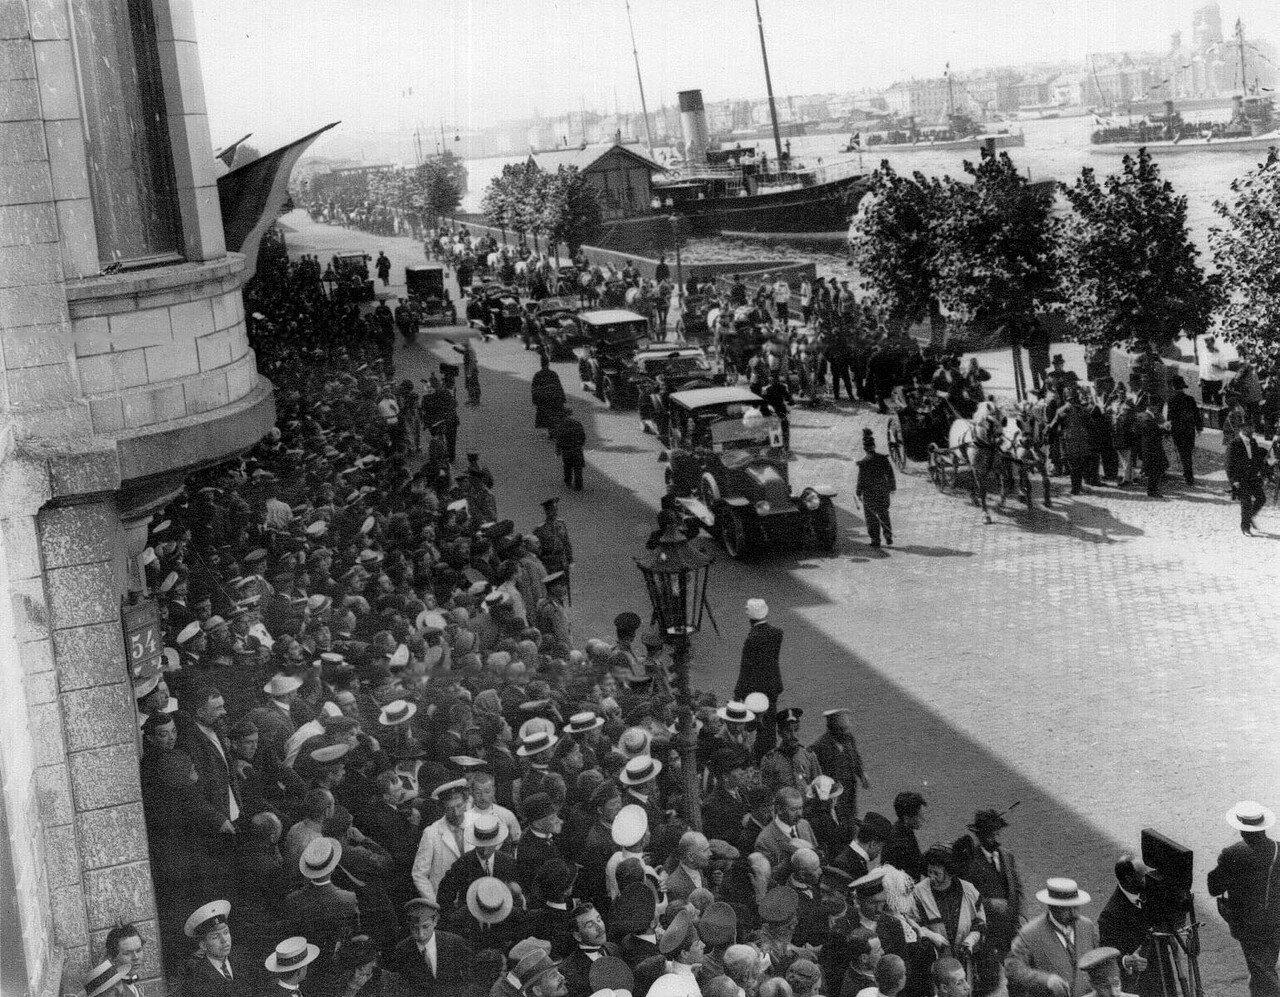 38. Кавалькада карет с прибывшими французскими дипломатами и моряками движется от пристани на Английской набережной к Зимнему дворцу